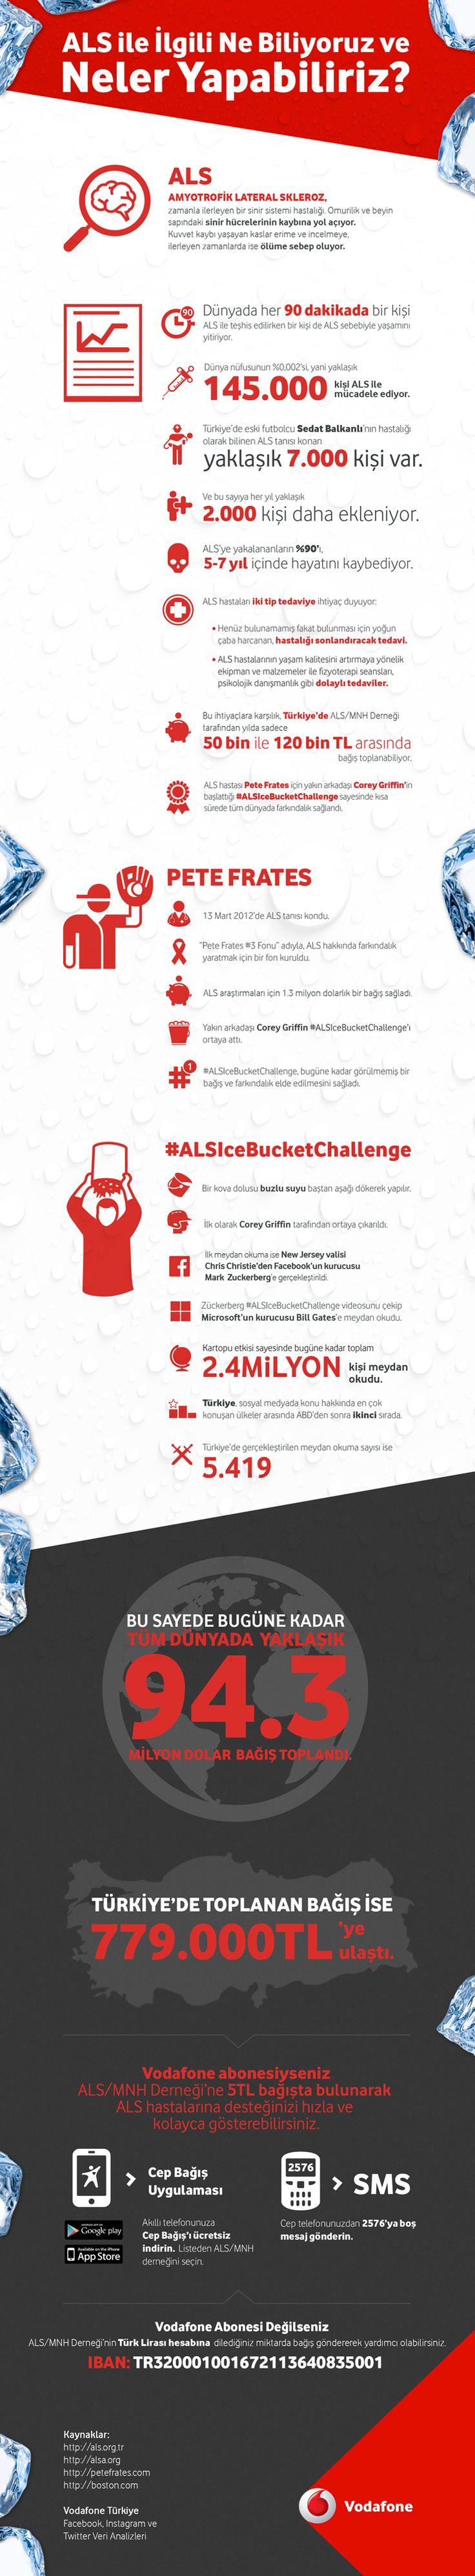 Son günlerde #IceBucketChallenge ile gündeme gelen #ALShakkında merak ettiğiniz her şey burada. İnceleyin, ALS ile ilgili neler yapabileceğinizi öğrenin.